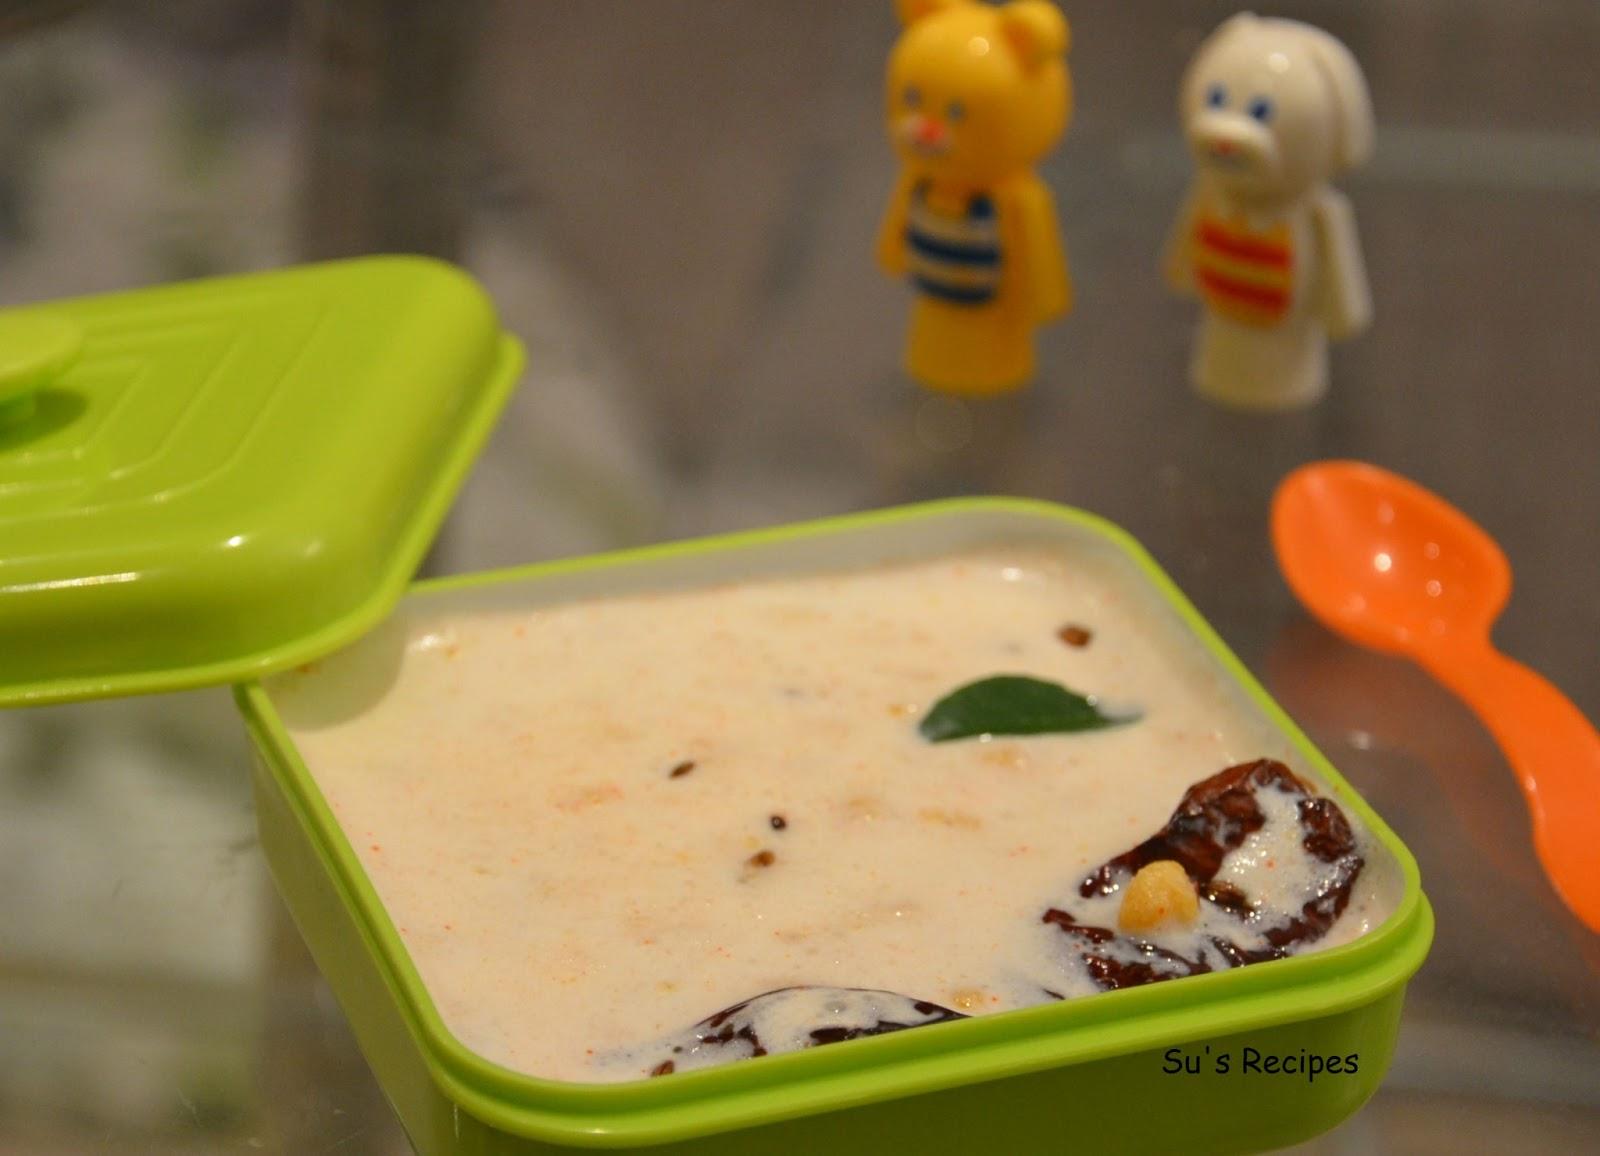 boondi raita, yogurt based dip, yogurt dip, spiced yogurt, easy dip, easy dish